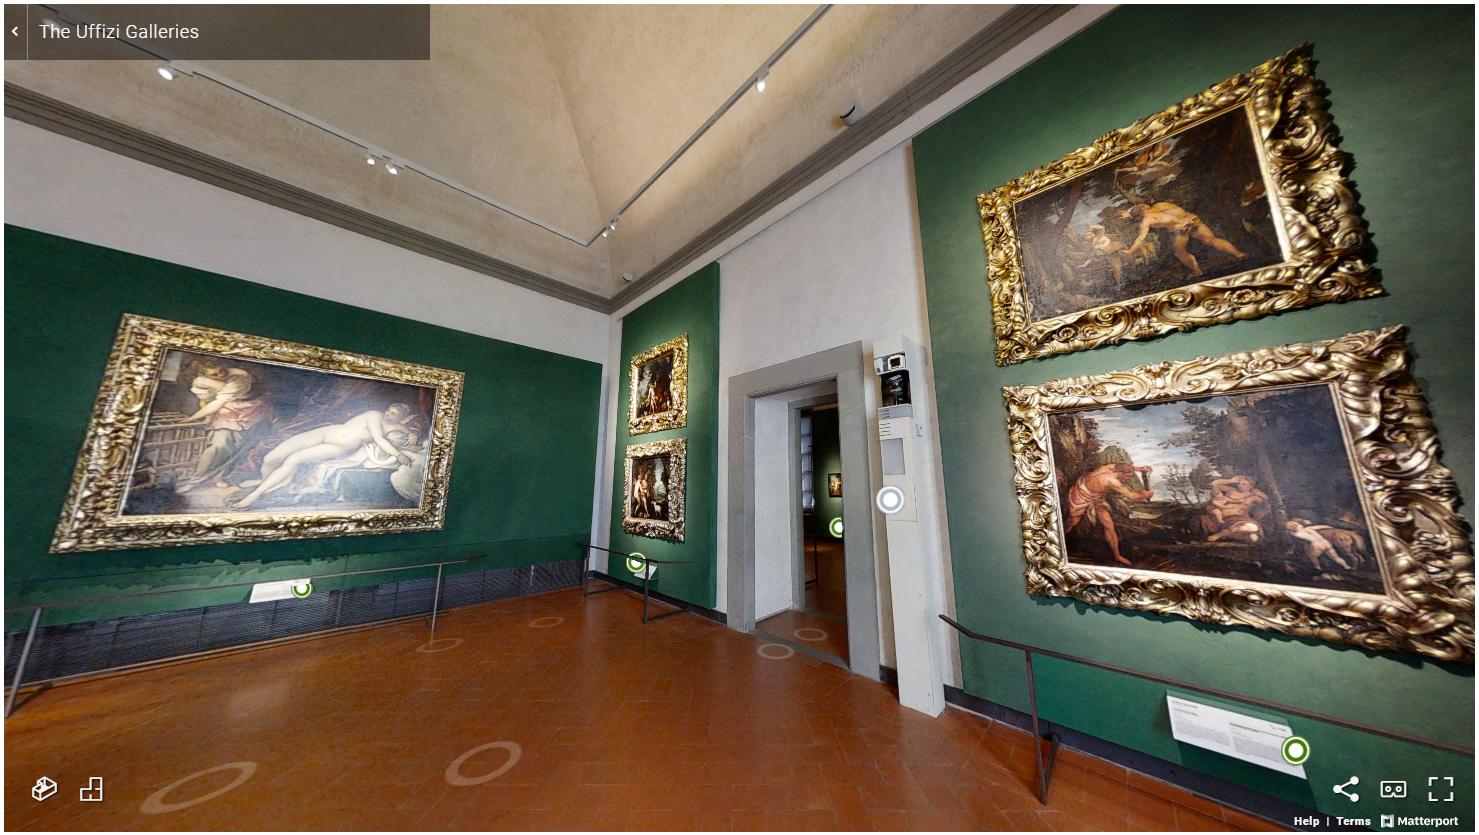 виртуальный тур по галереи уффици на официальном сайте 2